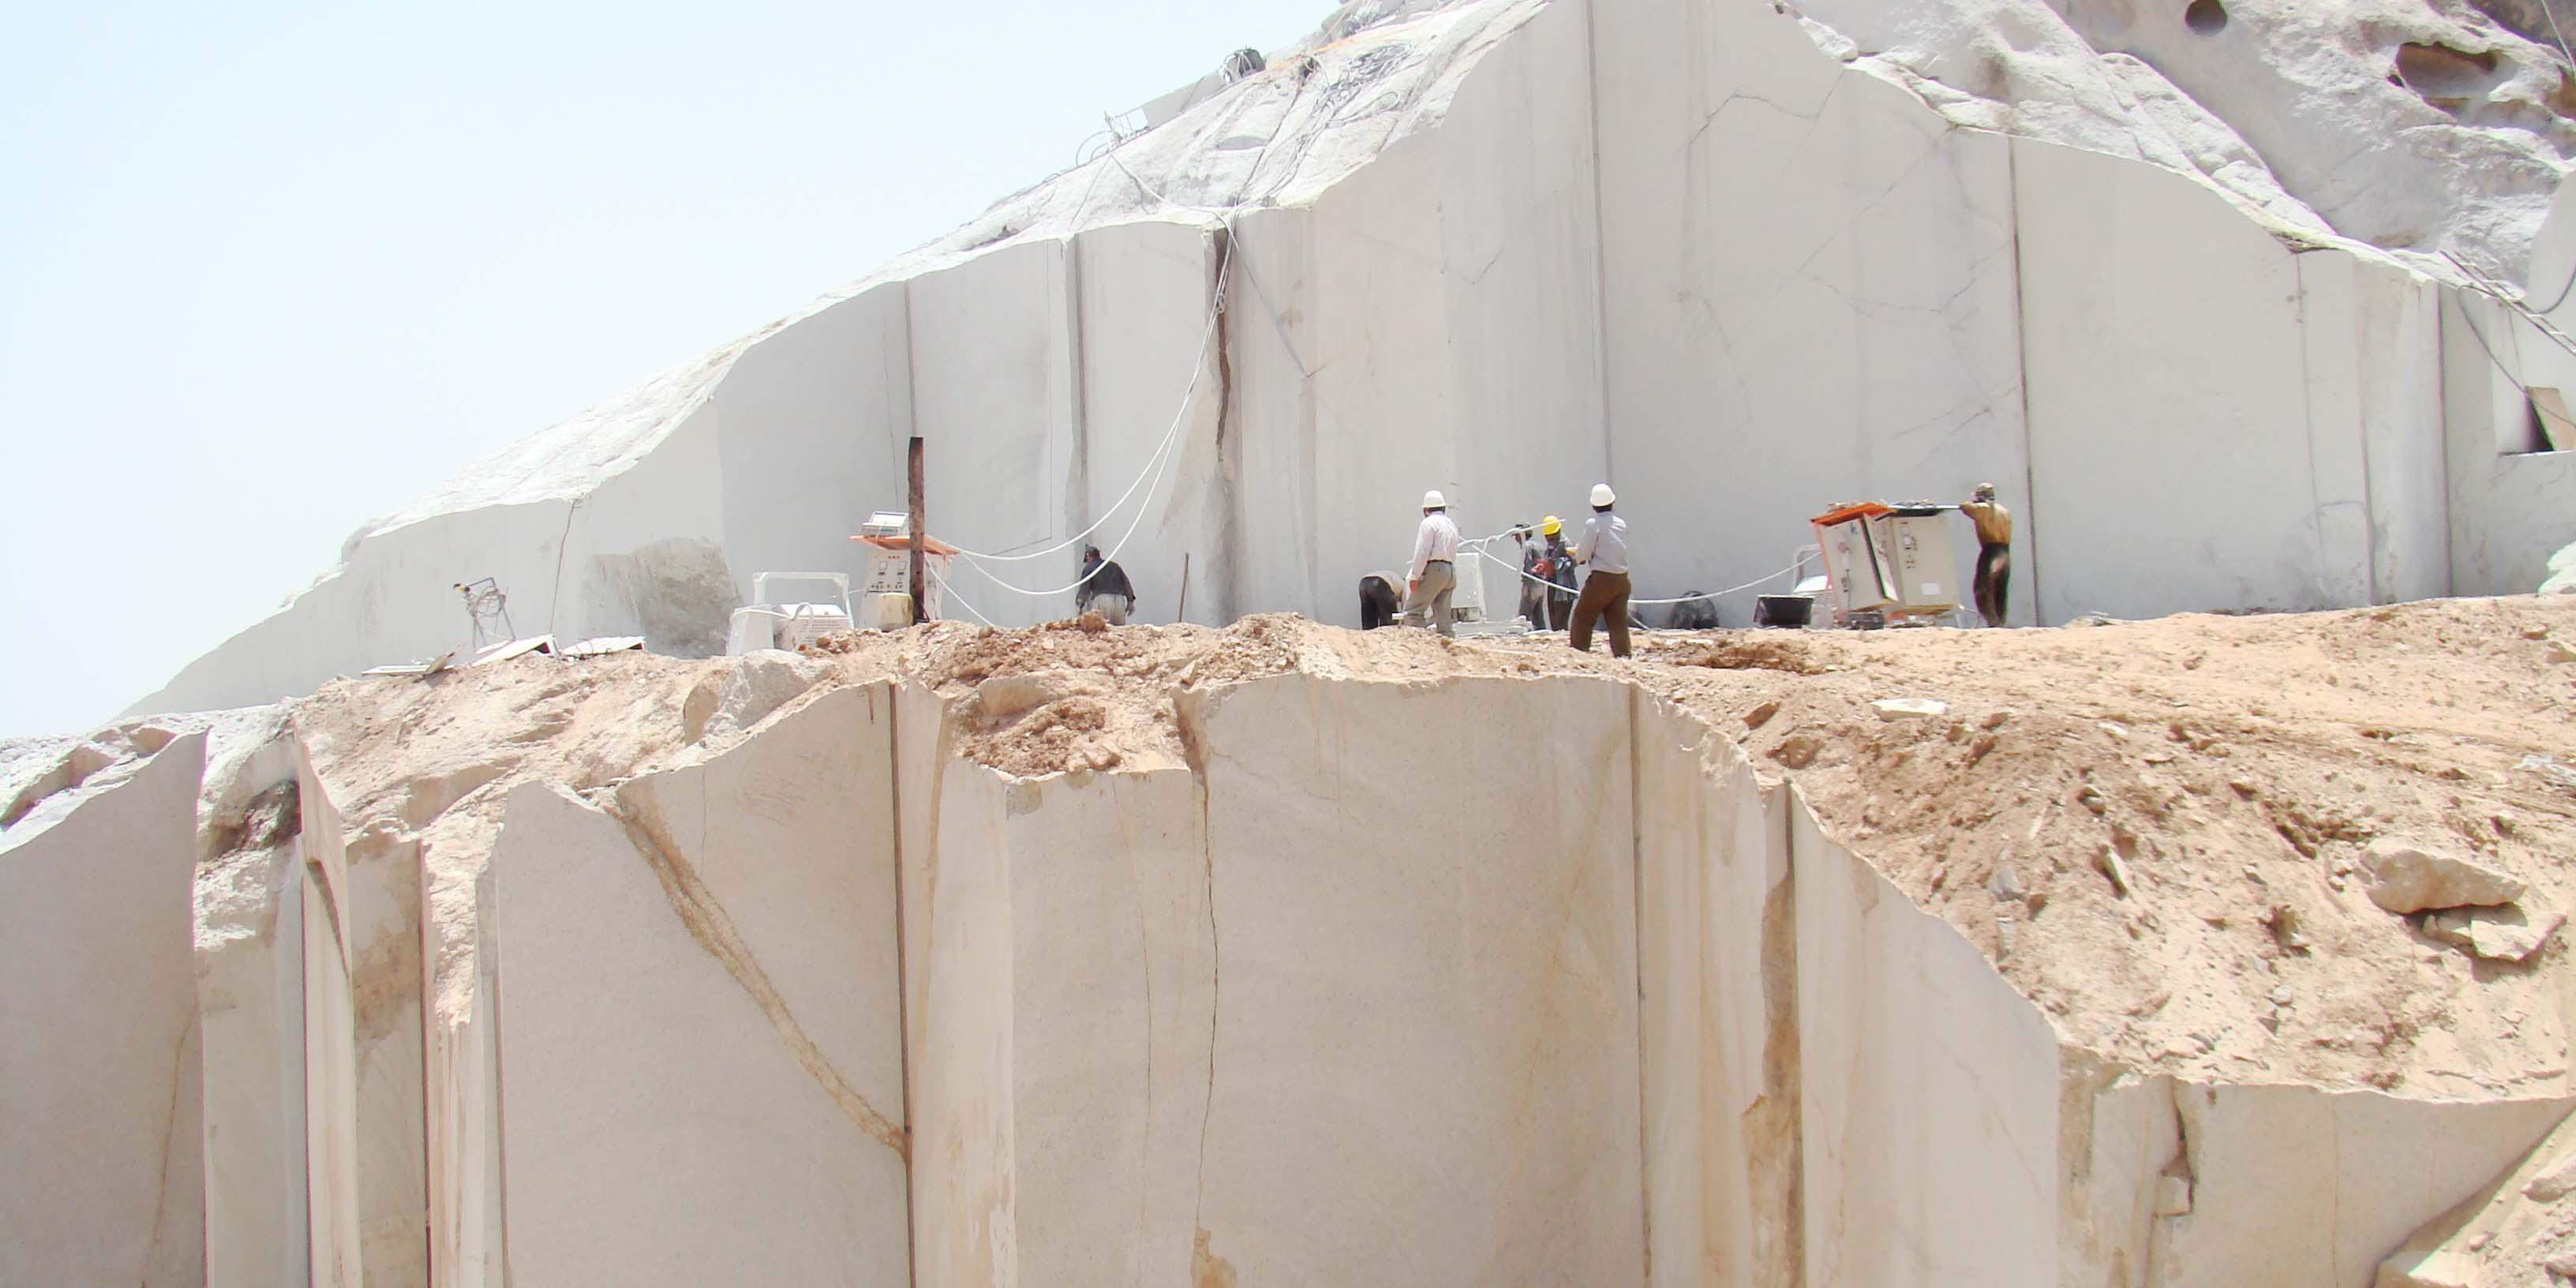 سنگ ایرانی نیازمند تراش مشوقهای صادراتی/ قیمت تمام شده، بازار سنگ را ترک داد